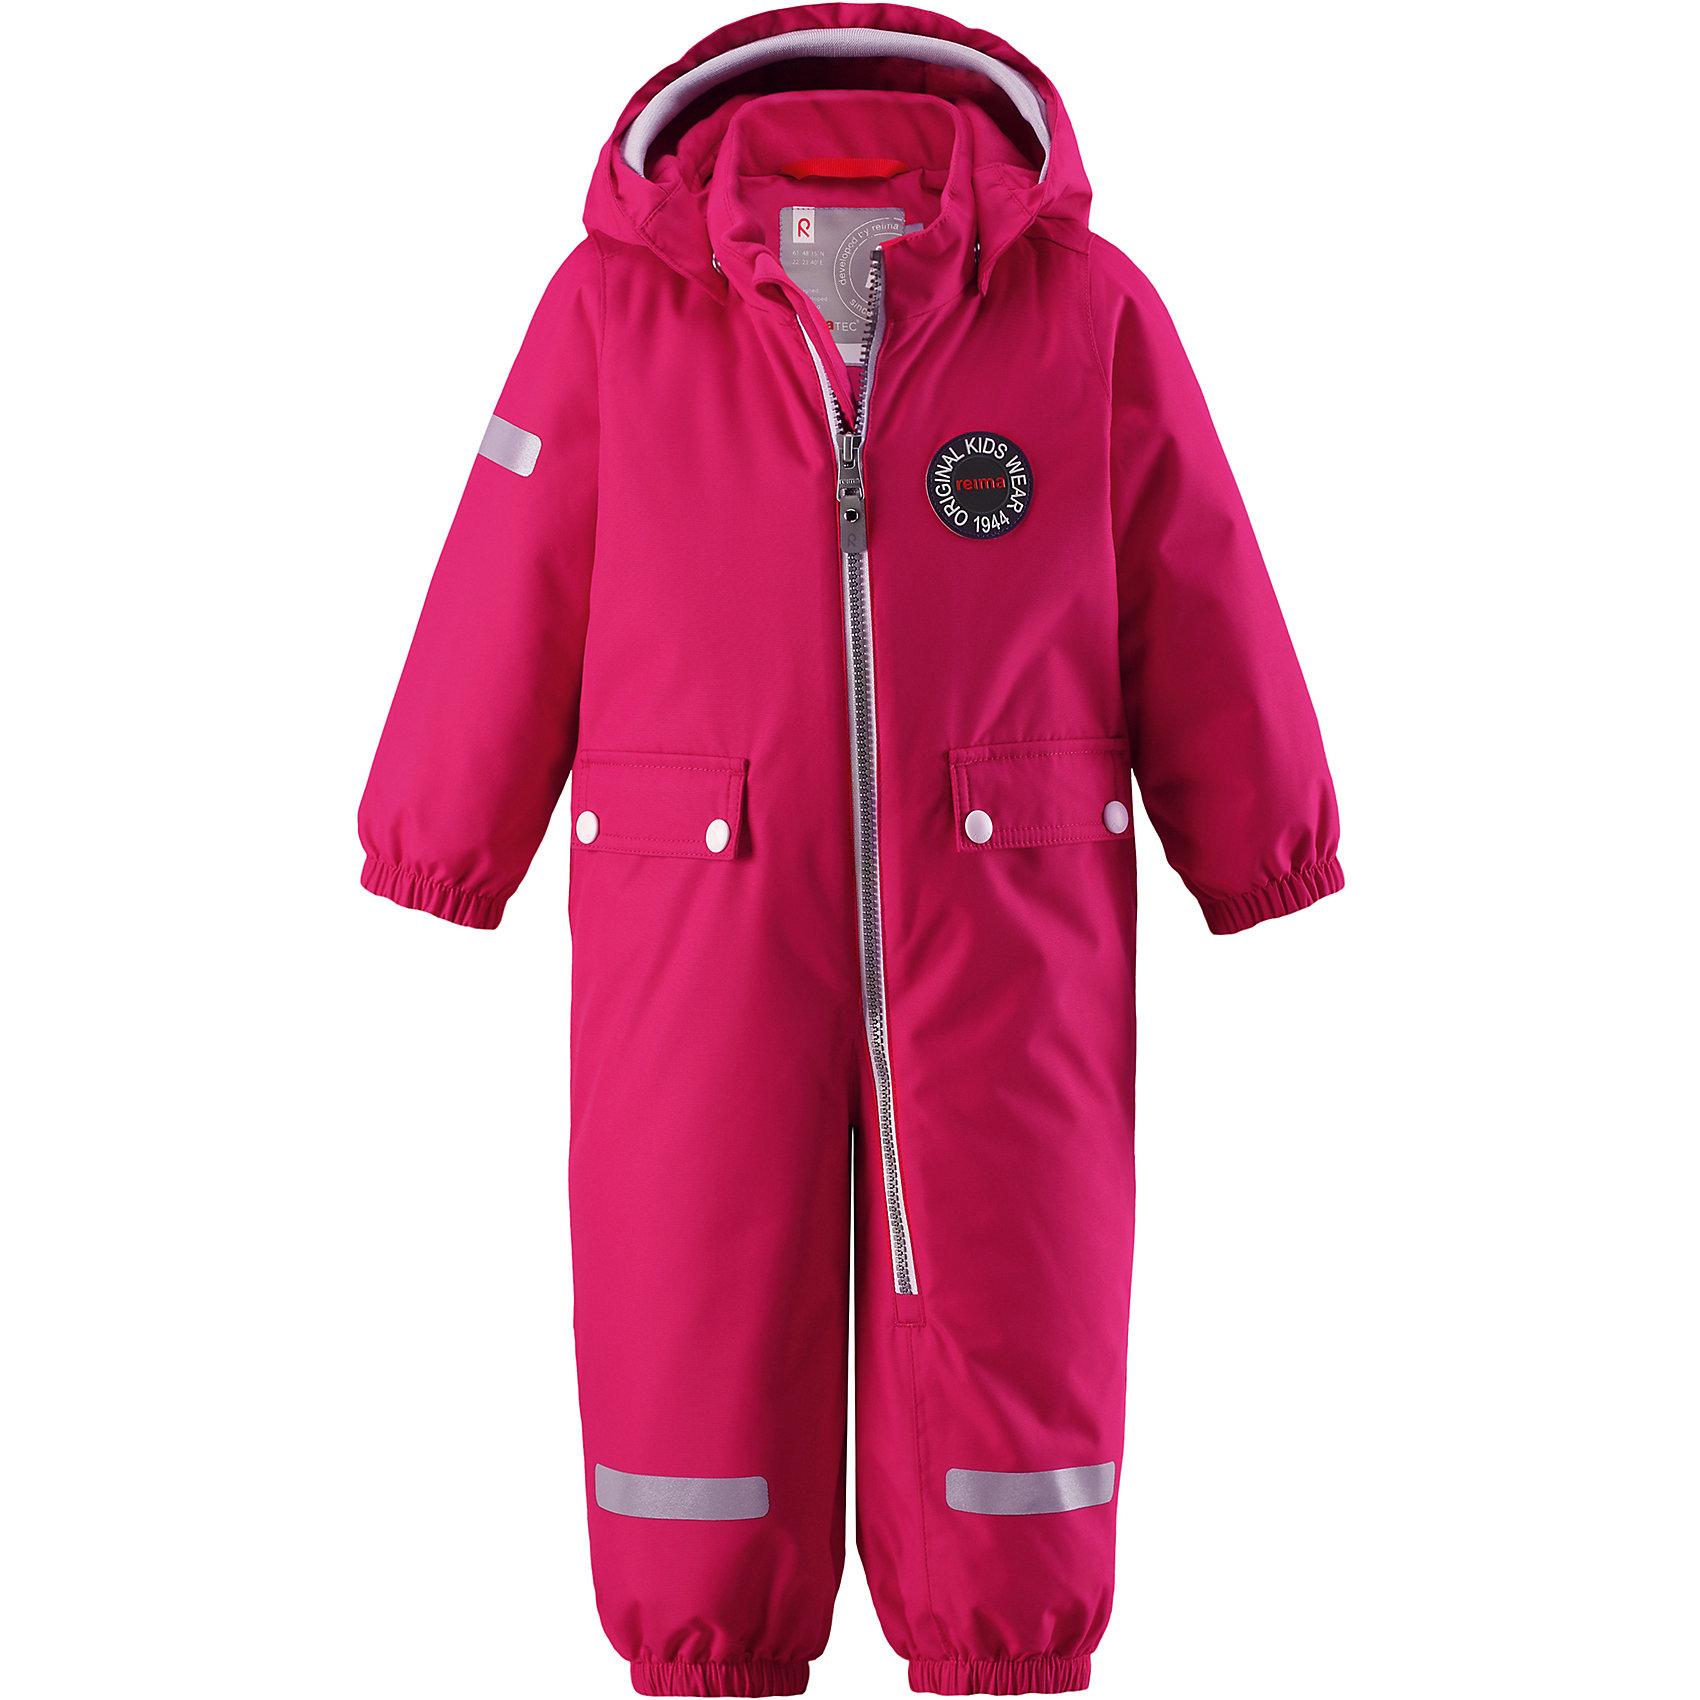 Комбинезон Reimatec® Reima MaahinenВерхняя одежда<br>Характеристики товара:<br><br>• цвет: розовый;<br>• состав: 100% полиэстер;<br>• подкладка: 100% полиэстер;<br>• утеплитель: 160 г/м2;<br>• сезон: зима;<br>• температурный режим: от 0 до -20С;<br>• водонепроницаемость: 8000 мм;<br>• воздухопроницаемость: 10000 мм;<br>• износостойкость: 30000 циклов (тест Мартиндейла);<br>• водо- и ветронепроницаемый, дышащий и грязеотталкивающий материал;<br>• основные швы проклеены и водонепроницаемы;<br>• застежка: молния с защитой подбородка;<br>• гладкая подкладка из полиэстера;<br>• безопасный, съемный капюшон;<br>• мягкая резинка на кромке капюшона;<br>• эластичные манжеты;<br>• внутренняя регулировка обхвата талии;<br>• эластичные штанины;<br>• прочные, съемные силиконовые штрипки;<br>• два кармана с кнопками;<br>• светоотражающие детали;<br>• страна бренда: Финляндия;<br>• страна изготовитель: Китай.<br><br>В зимний вариант этой популярной модели мы добавили еще больше утеплителя. Самые важные швы в этом зимнем комбинезоне проклеены и водонепроницаемы, а сам он изготовлен из ветронепроницаемого, дышащего материала с водо и грязеотталкивающей поверхностью. У этой модели прямой покрой с регулируемой талией, так что при желании силуэт можно сделать более приталенным. <br><br>Съемный капюшон не только защищает от пронизывающего ветра, но еще и безопасен во время игр на свежем воздухе. Кнопки легко отстегиваются, если капюшон случайно за что-нибудь зацепится. Мягкая резинка по краю регулируемого капюшона, а также большие карманы с клапанами и светоотражающие детали придают образу изюминку. Благодаря силиконовым штрипкам, концы брючин не будут задираться.<br><br>Комбинезон-трансформер Reimatec®+ Reima Pouch от финского бренда Reima (Рейма) можно купить в нашем интернет-магазине.<br><br>Ширина мм: 356<br>Глубина мм: 10<br>Высота мм: 245<br>Вес г: 519<br>Цвет: розовый<br>Возраст от месяцев: 24<br>Возраст до месяцев: 36<br>Пол: Унисекс<br>Возраст: Детский<br>Размер: 98,80,86,92<br>